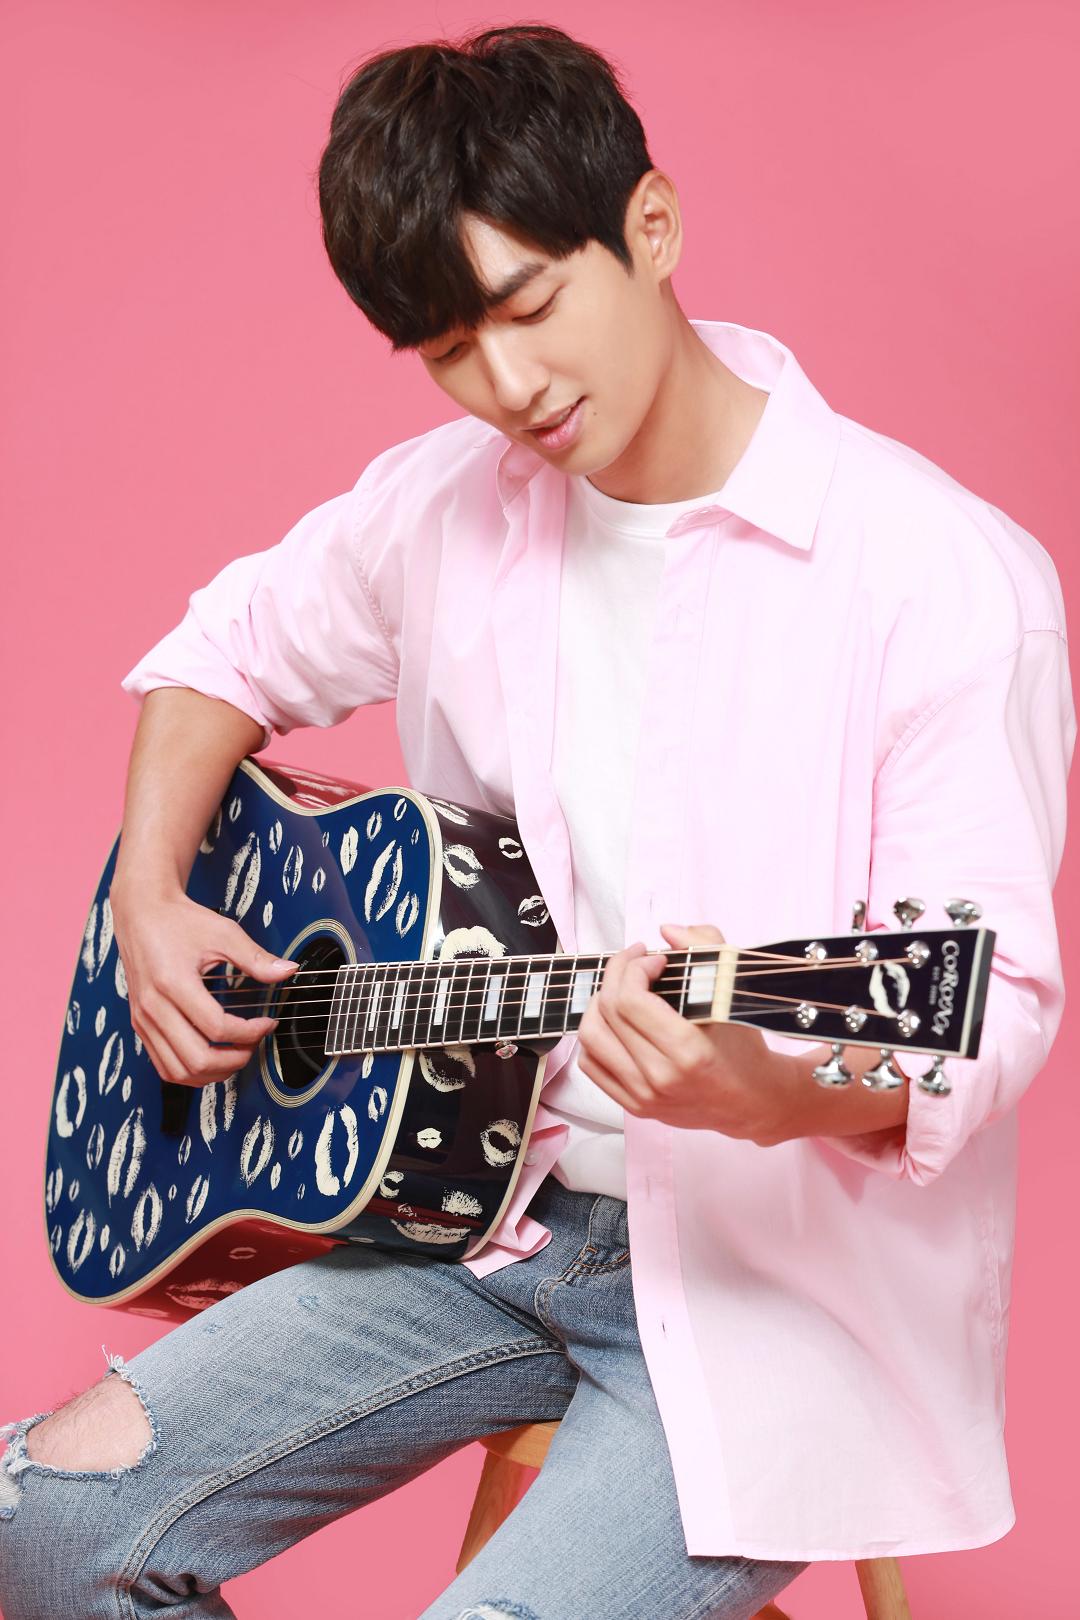 Jungmo (musician)